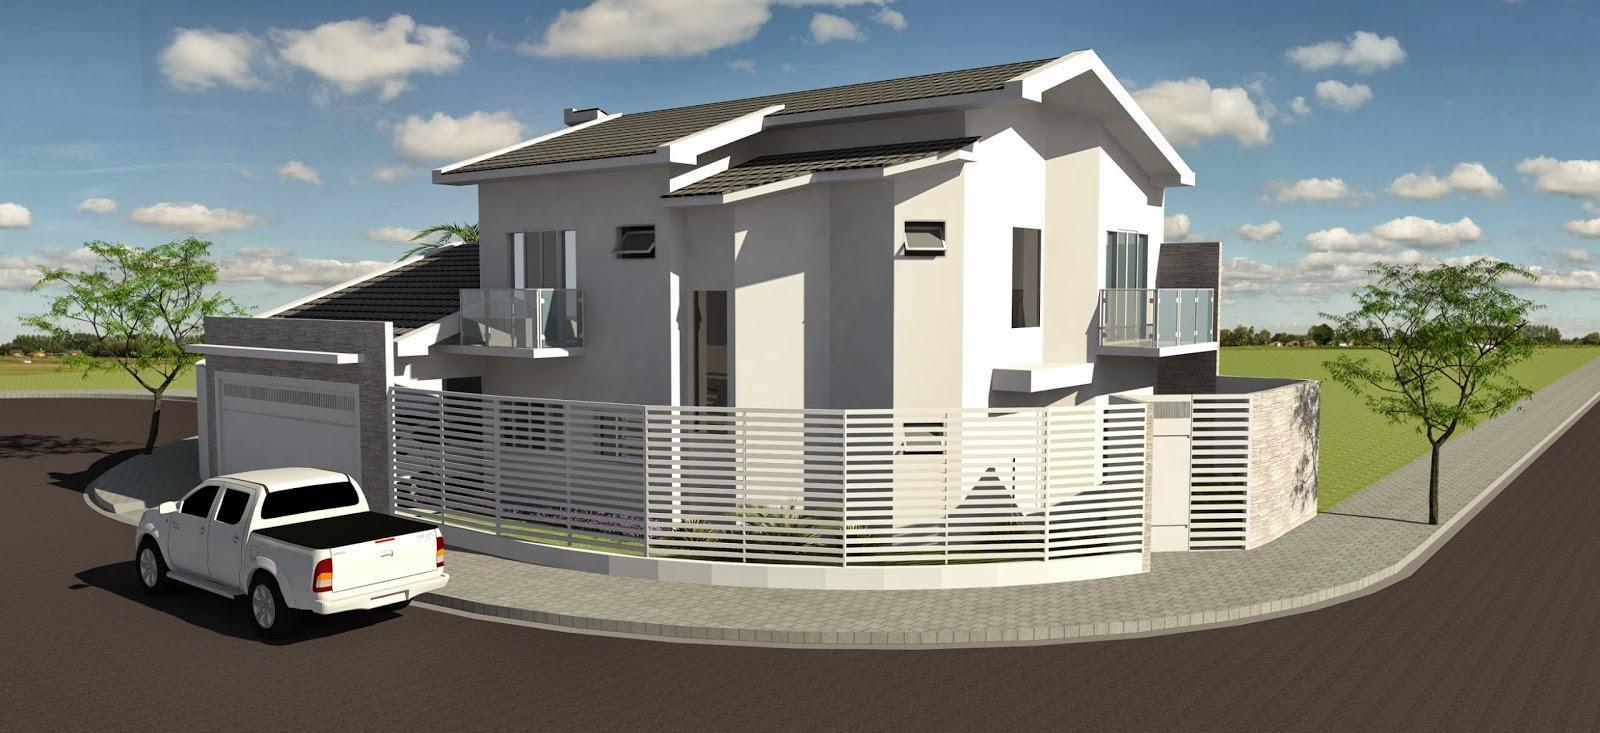 50 fachadas de casas de esquina lindas e inspiradoras for Disenos de casas en esquinas